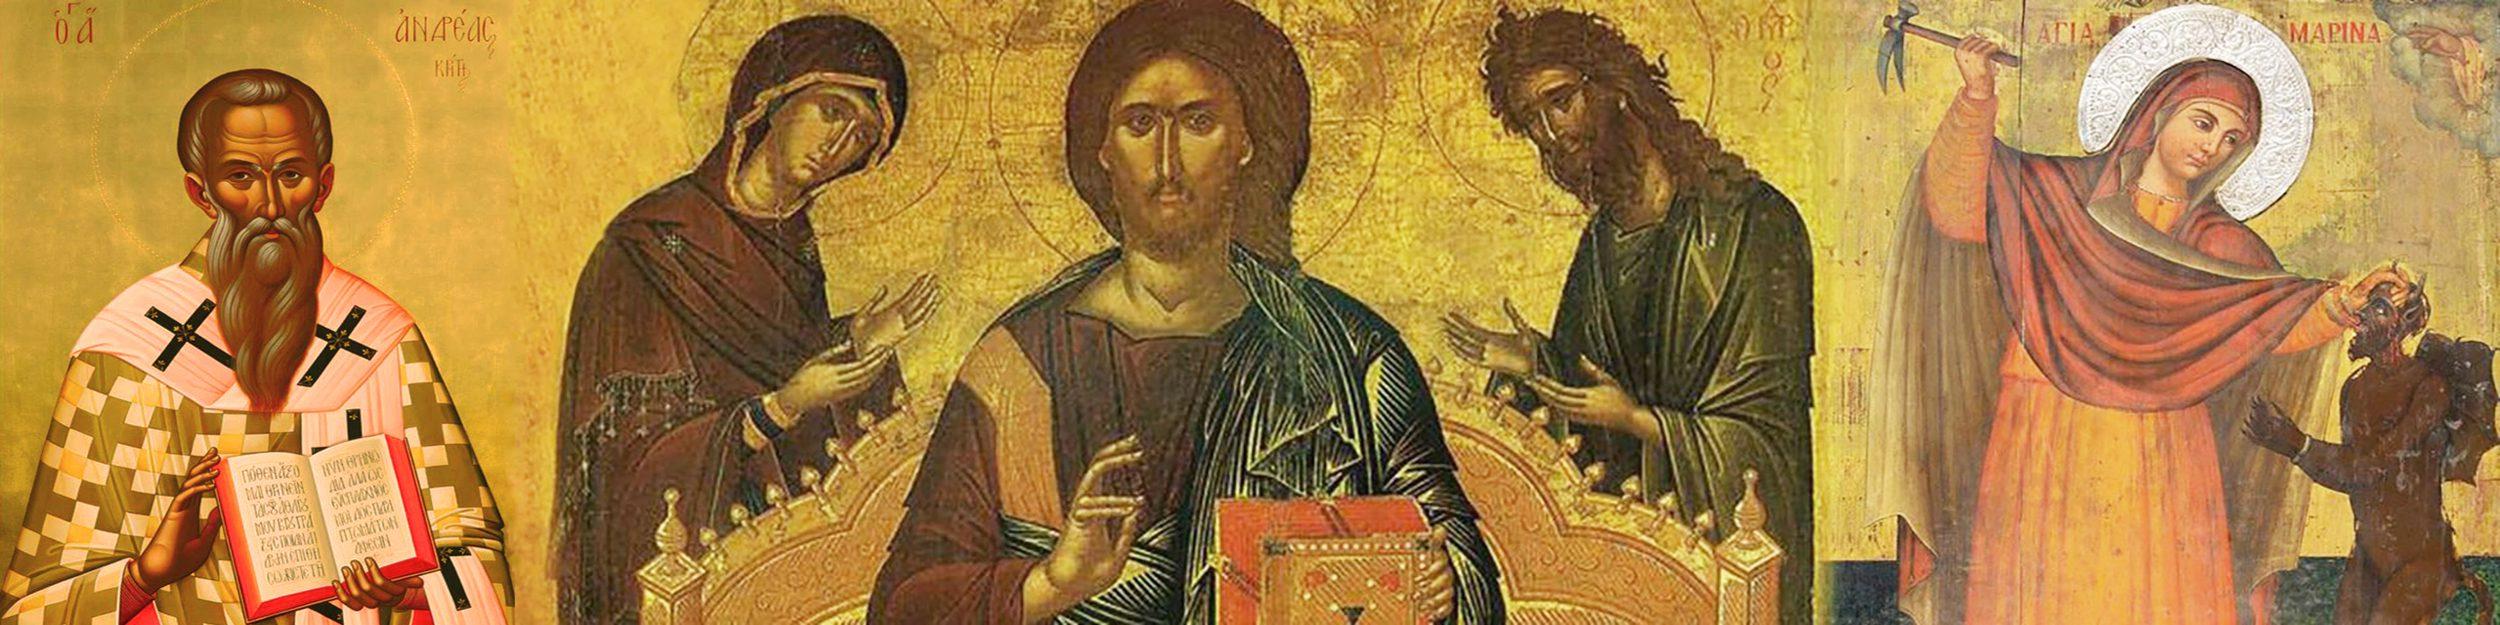 Ιερά Μητρόπολη Αρκαλοχωρίου, Καστελλίου και Βιάννου